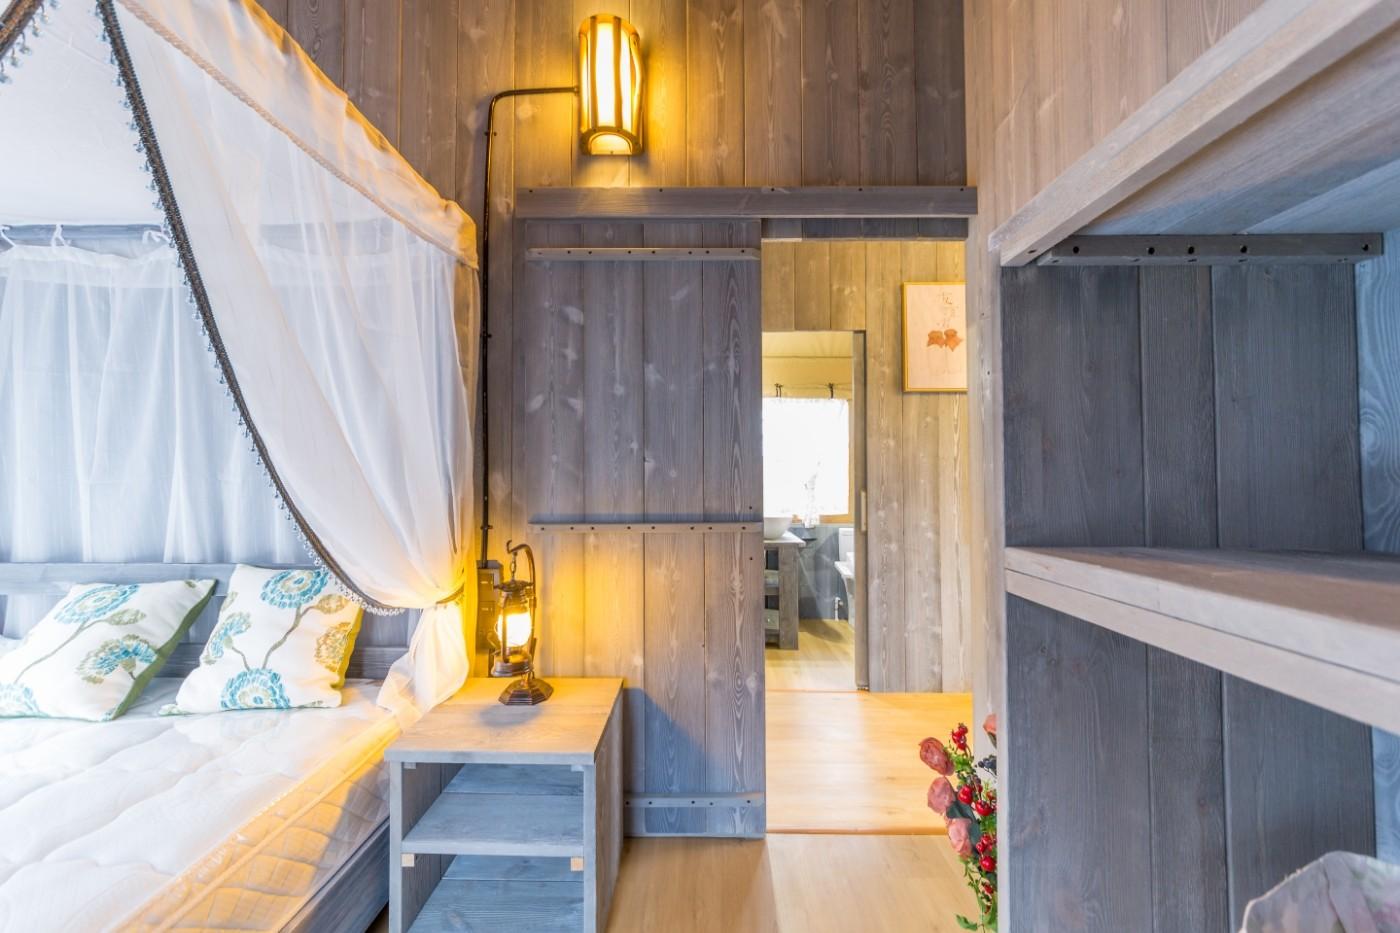 喜马拉雅野奢帐篷酒店—江苏常州茅山宝盛园2期茶田帐篷酒店32